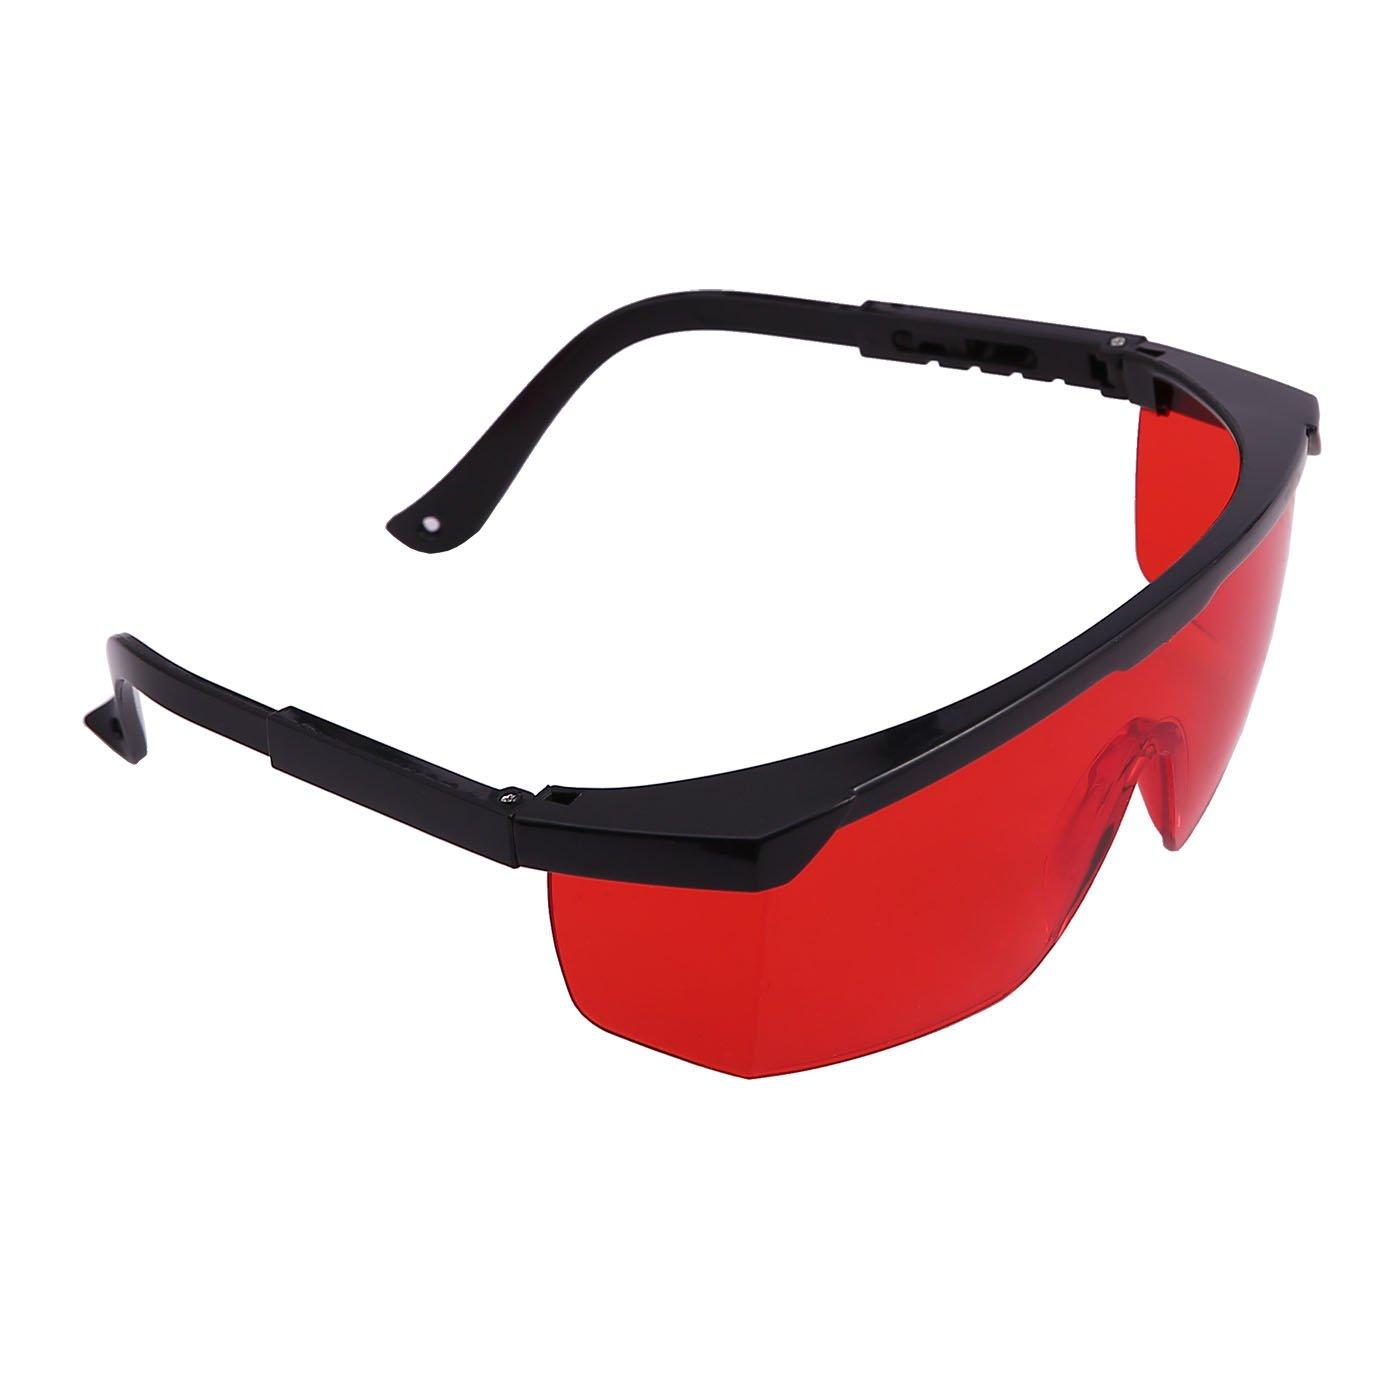 HDE - Gafas de seguridad para nivel láser (con caja protectora), color rojo: Amazon.es: Bricolaje y herramientas